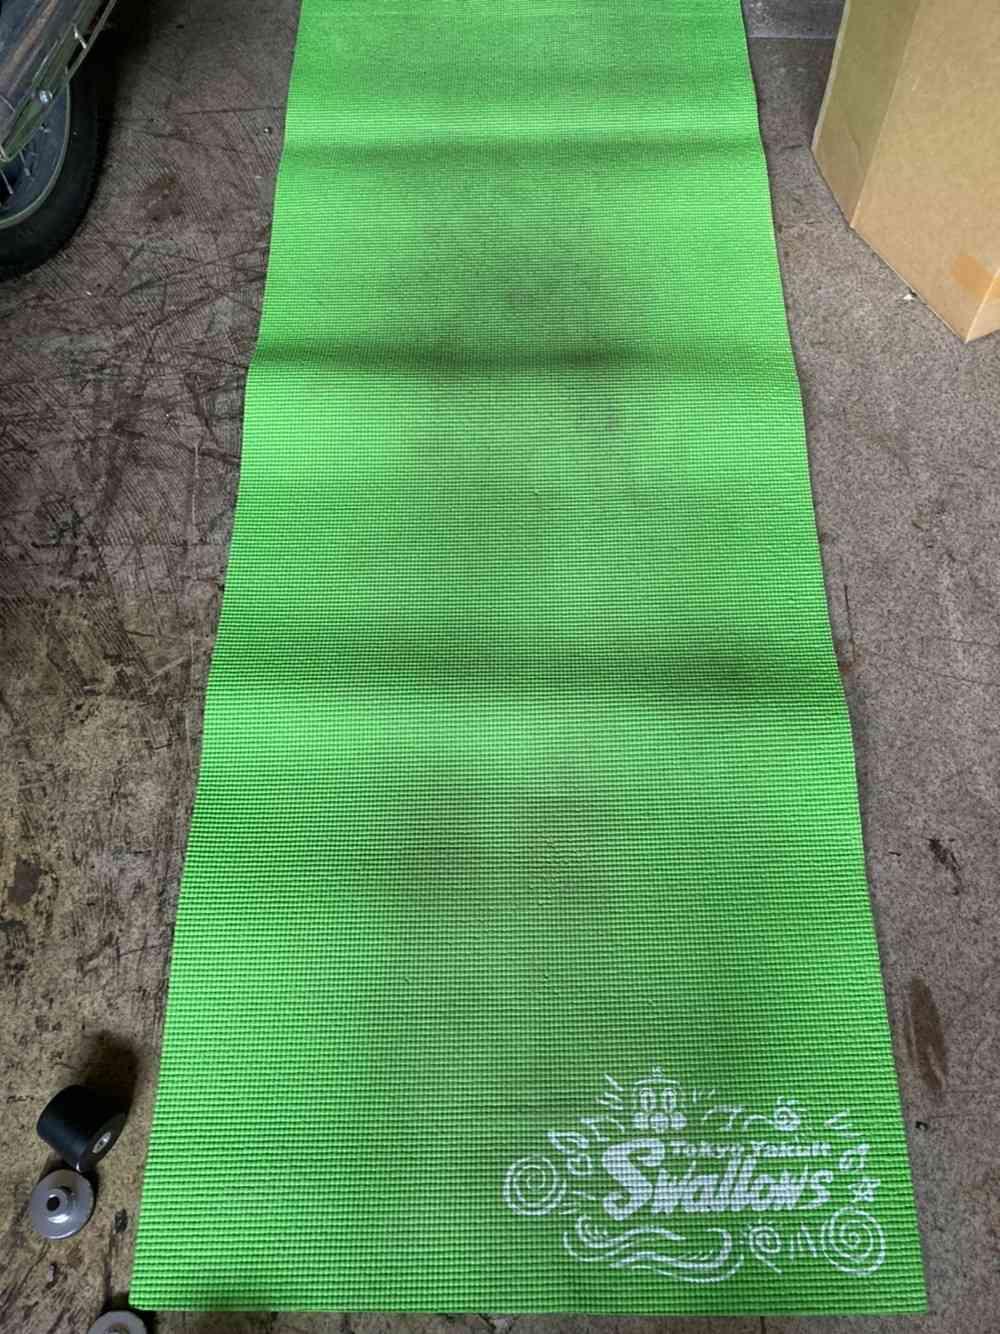 柔軟体操、筋トレ用のマット